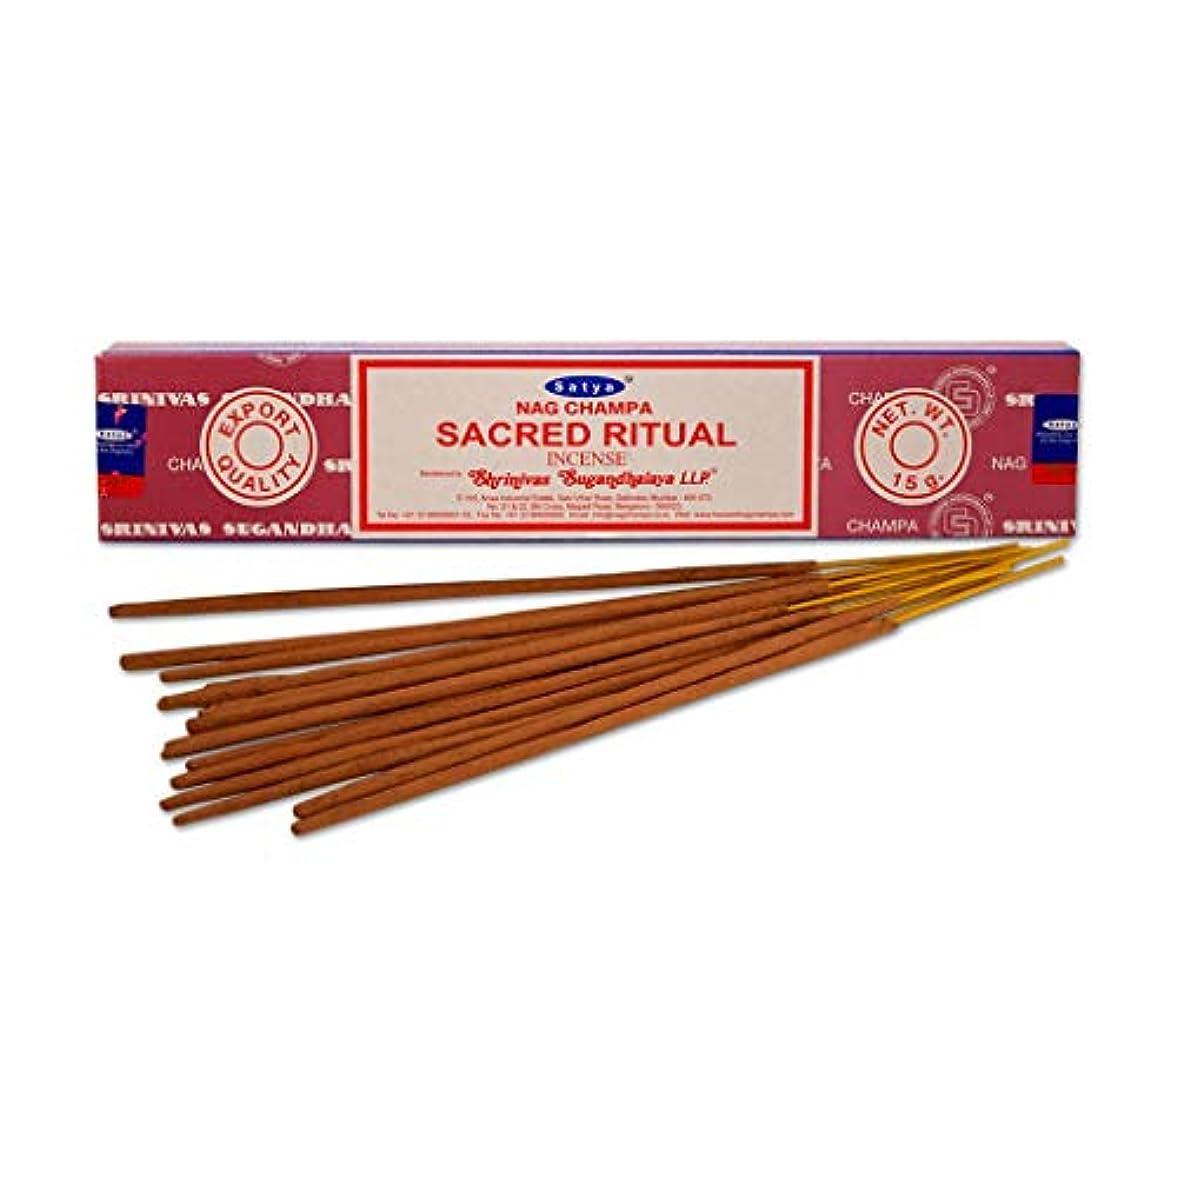 キッチン用語集爬虫類Satya Nag Champa Sacred Ritual お香スティック Agarbatti 180グラムボックス | 15グラム入り12パック 箱入り | 輸出品質